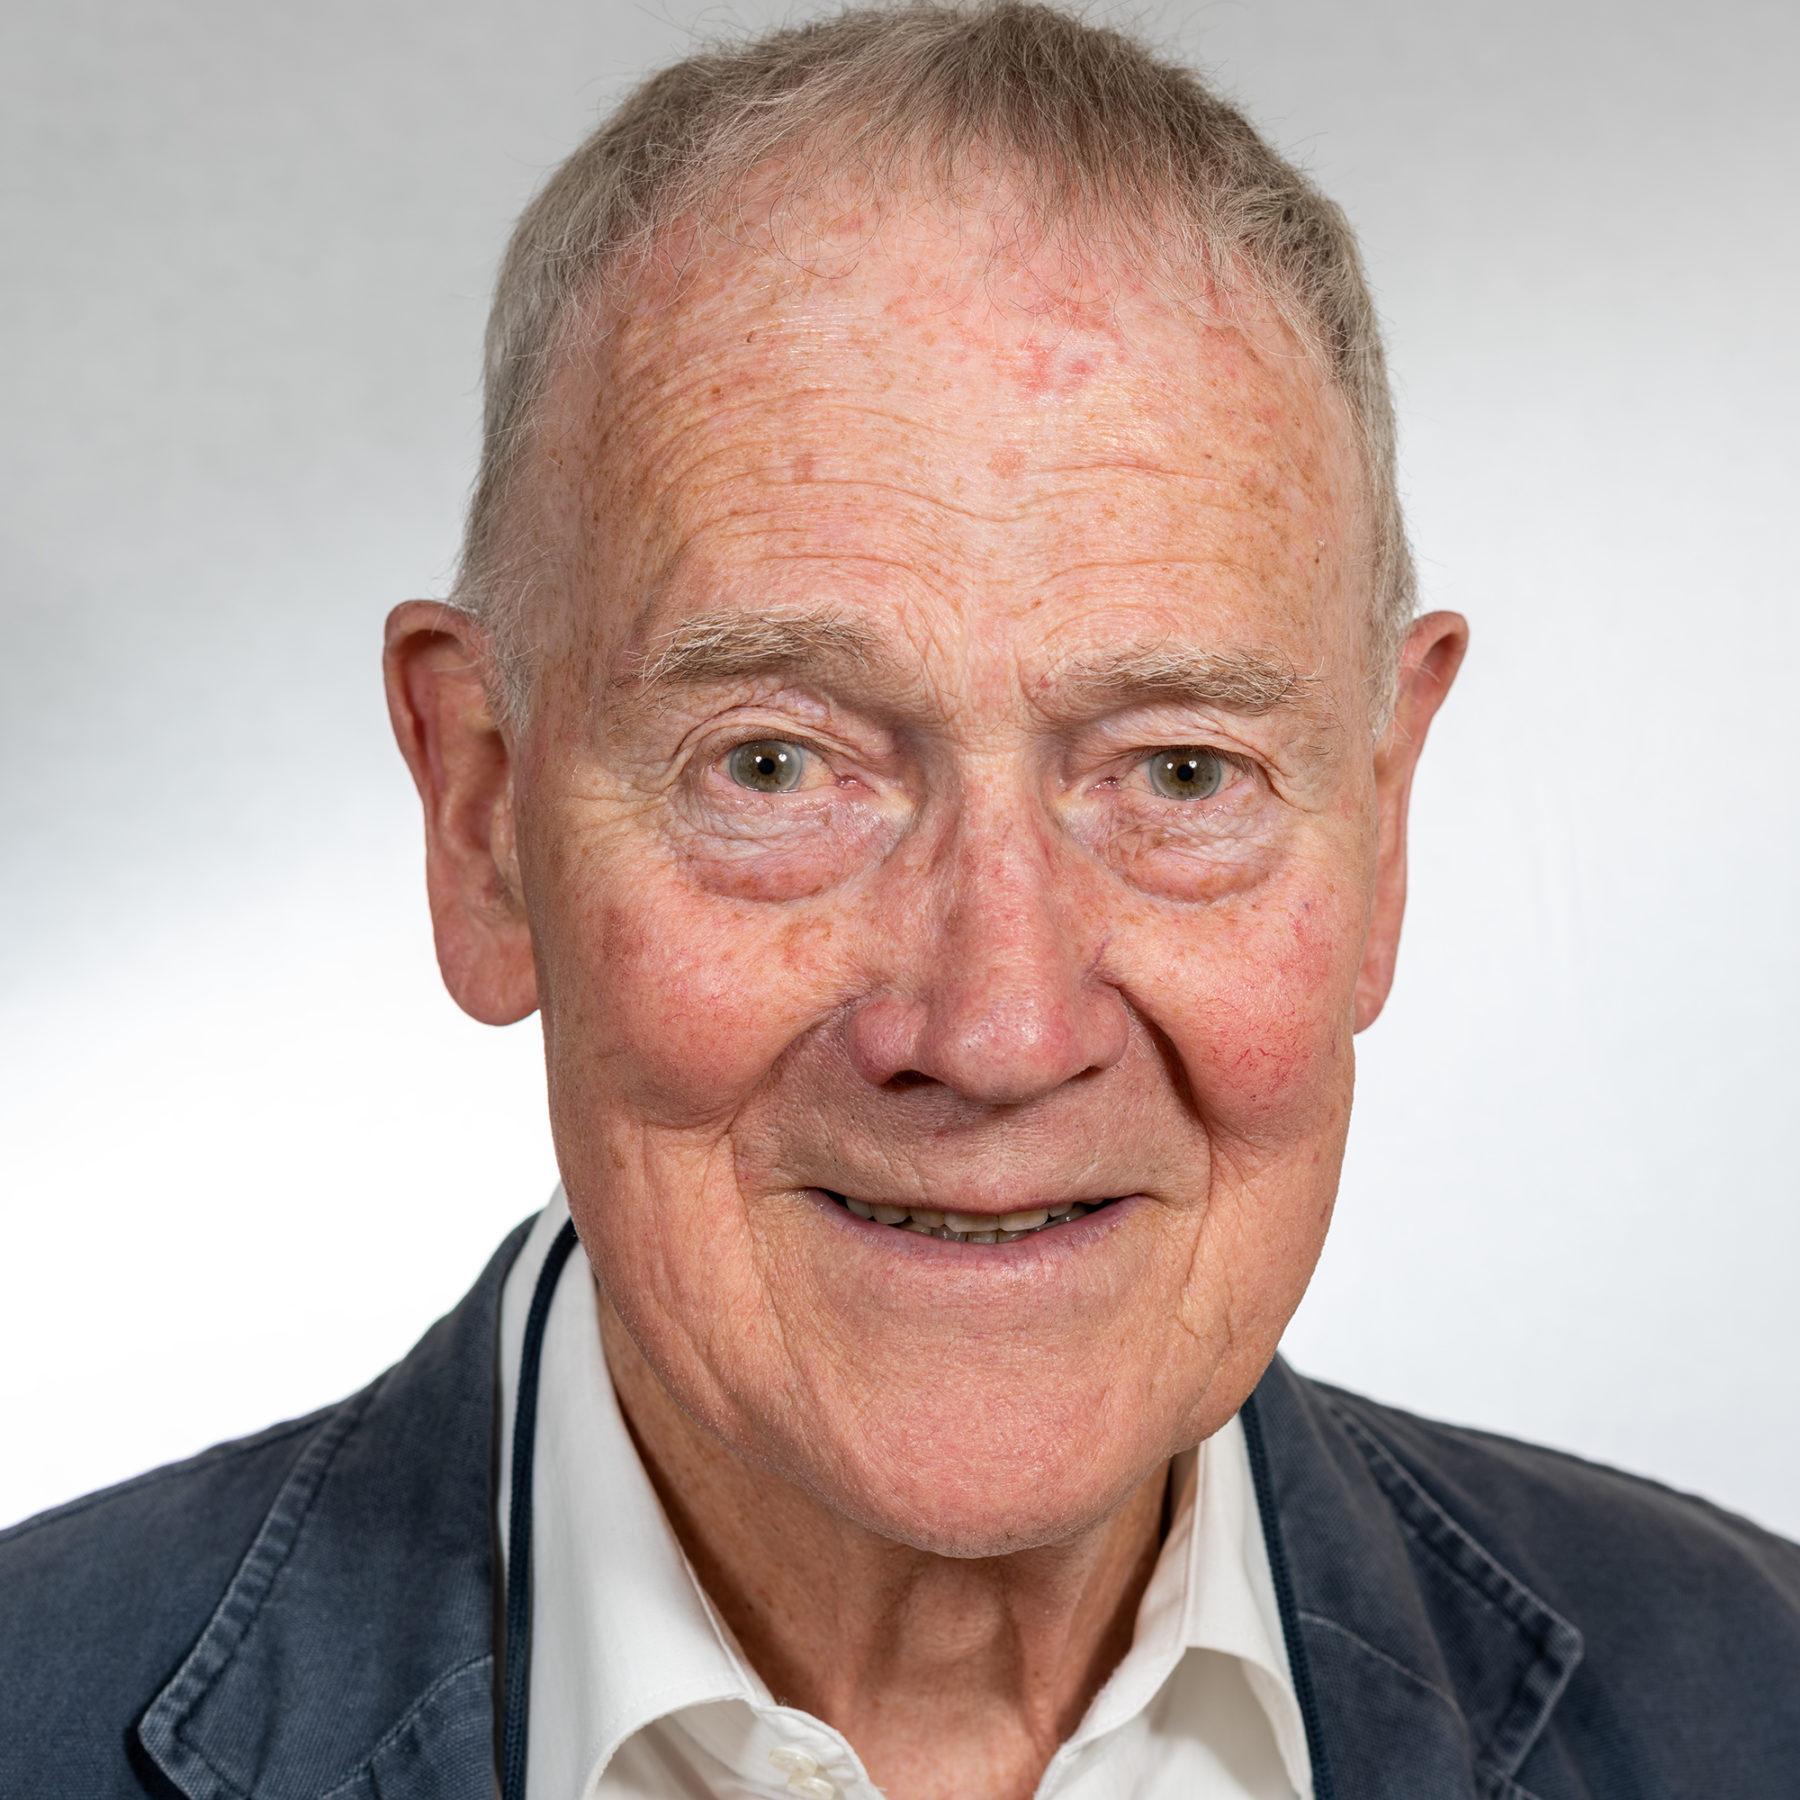 Peter Hartman, Managing Director, RJ Dance (Contractors) Limited